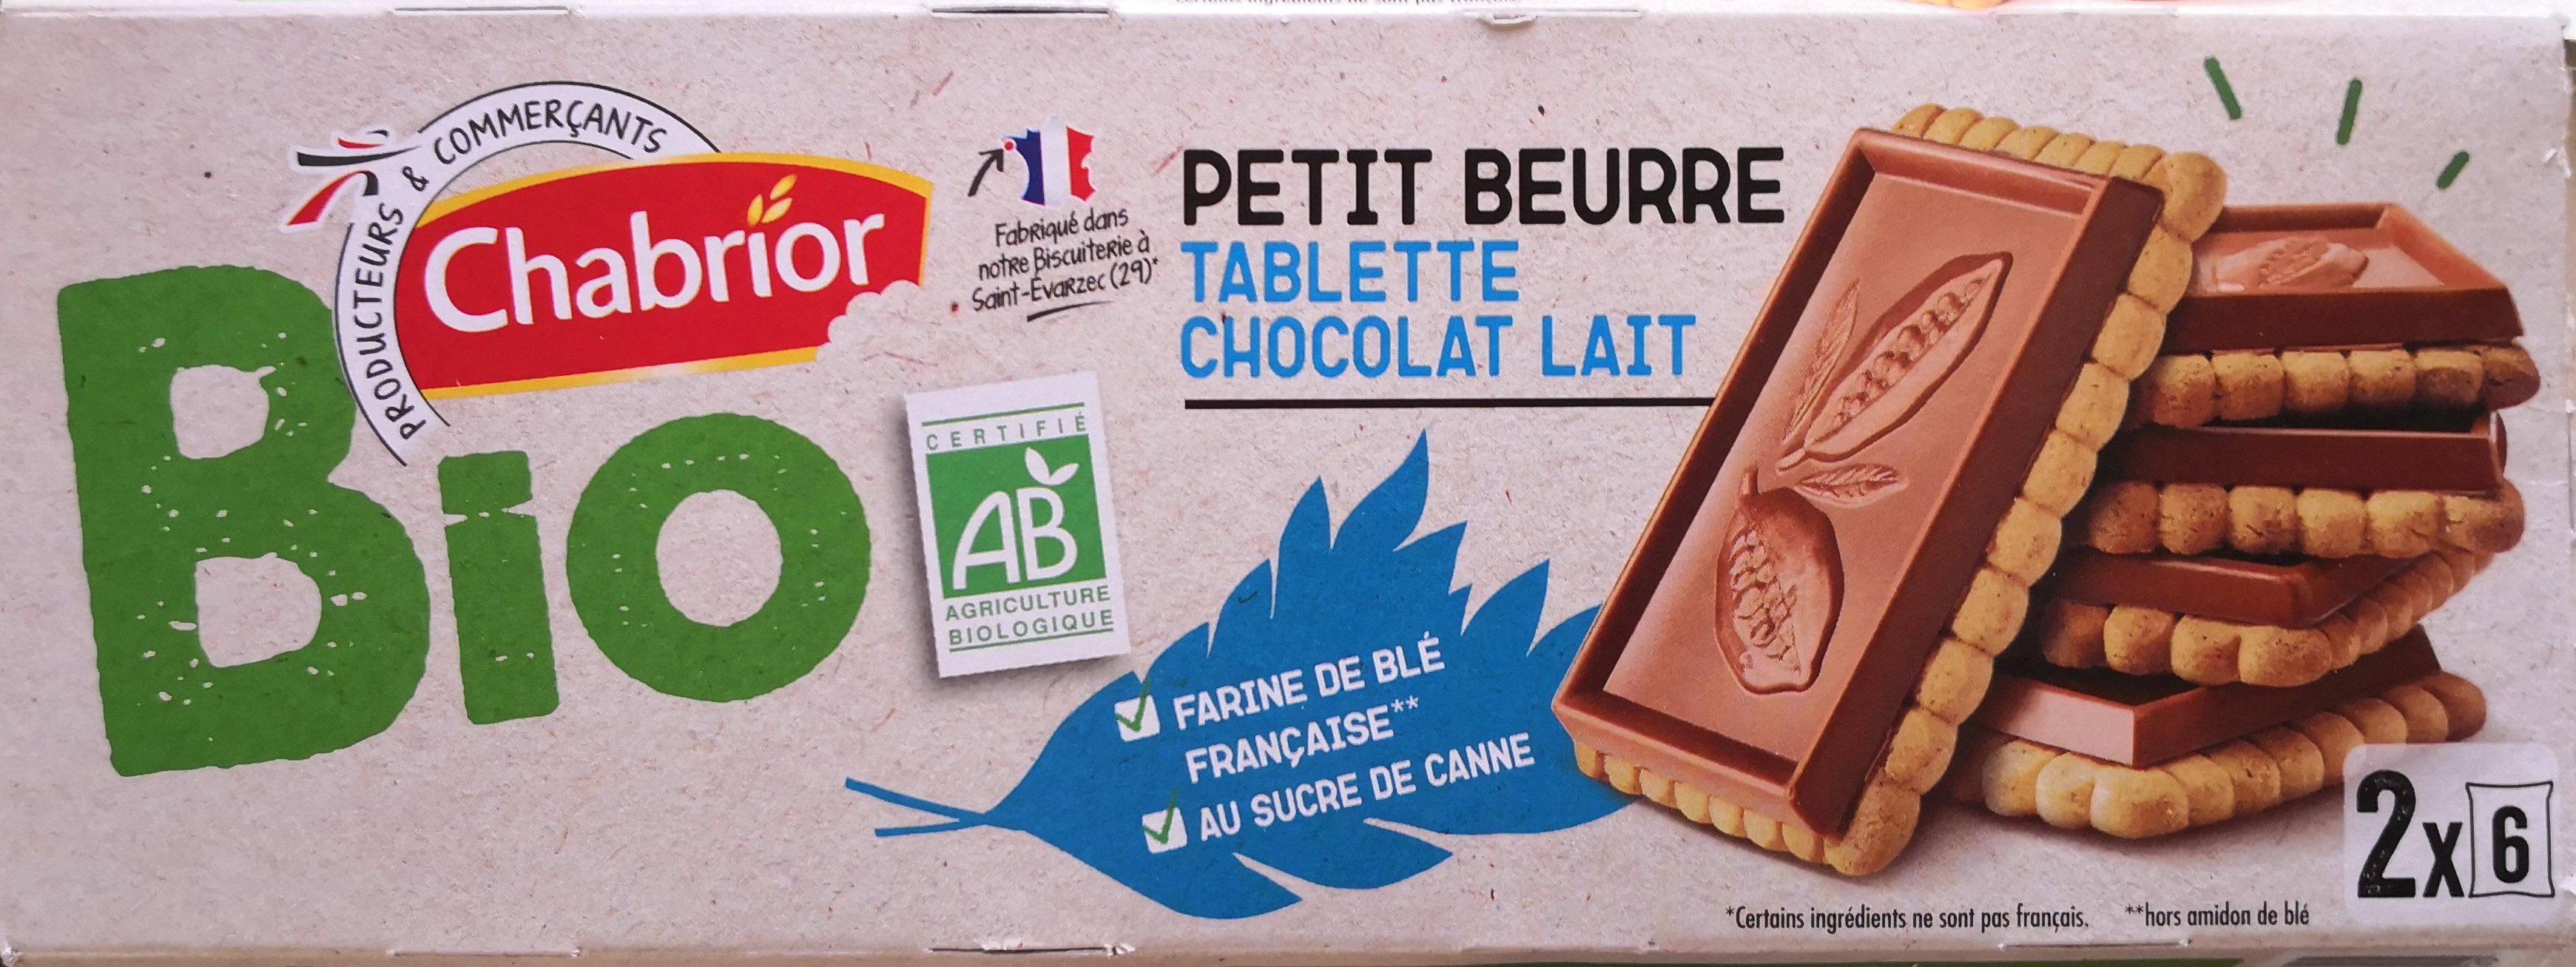 Petit Beurre avec tablette de chocolat au lait BIO - Product - fr